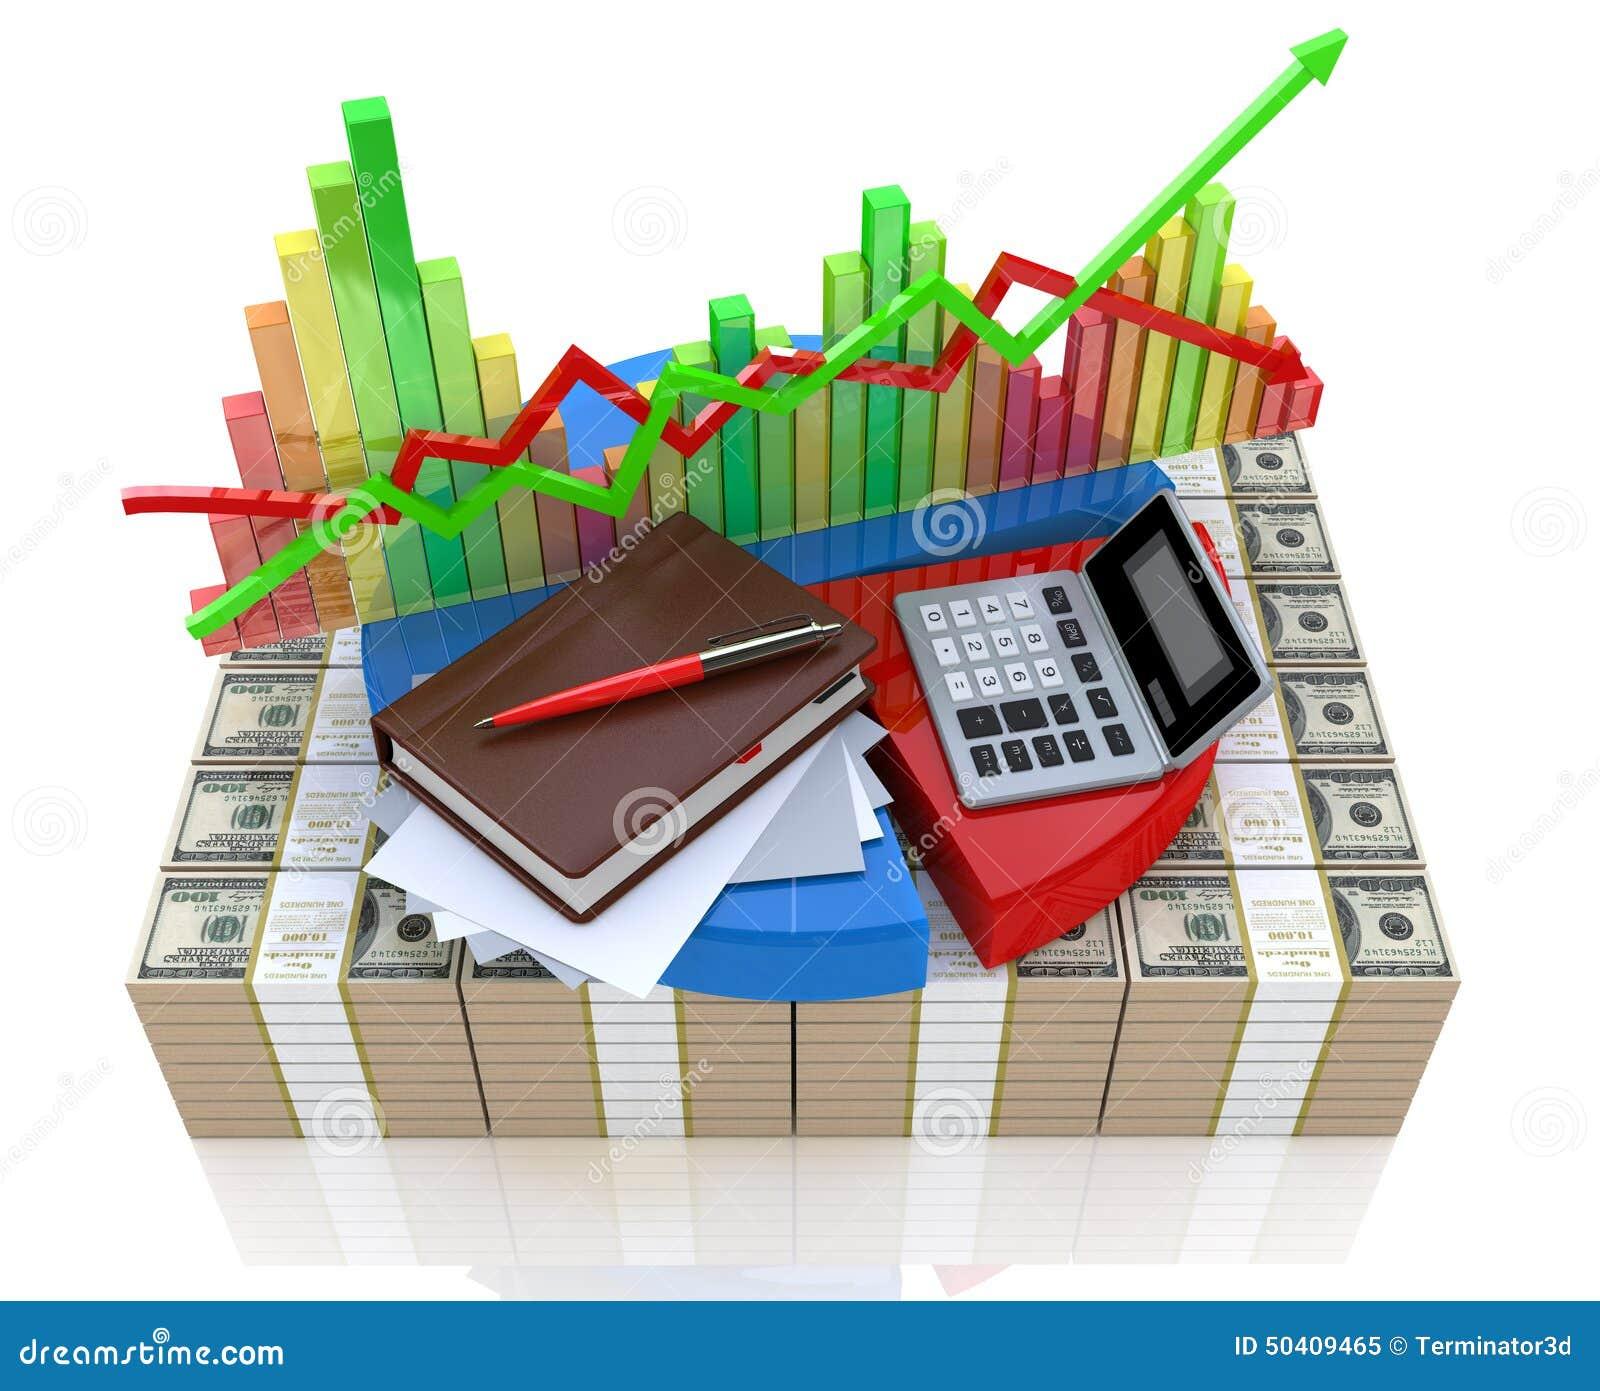 Cálculo de negocio - análisis del mercado financiero